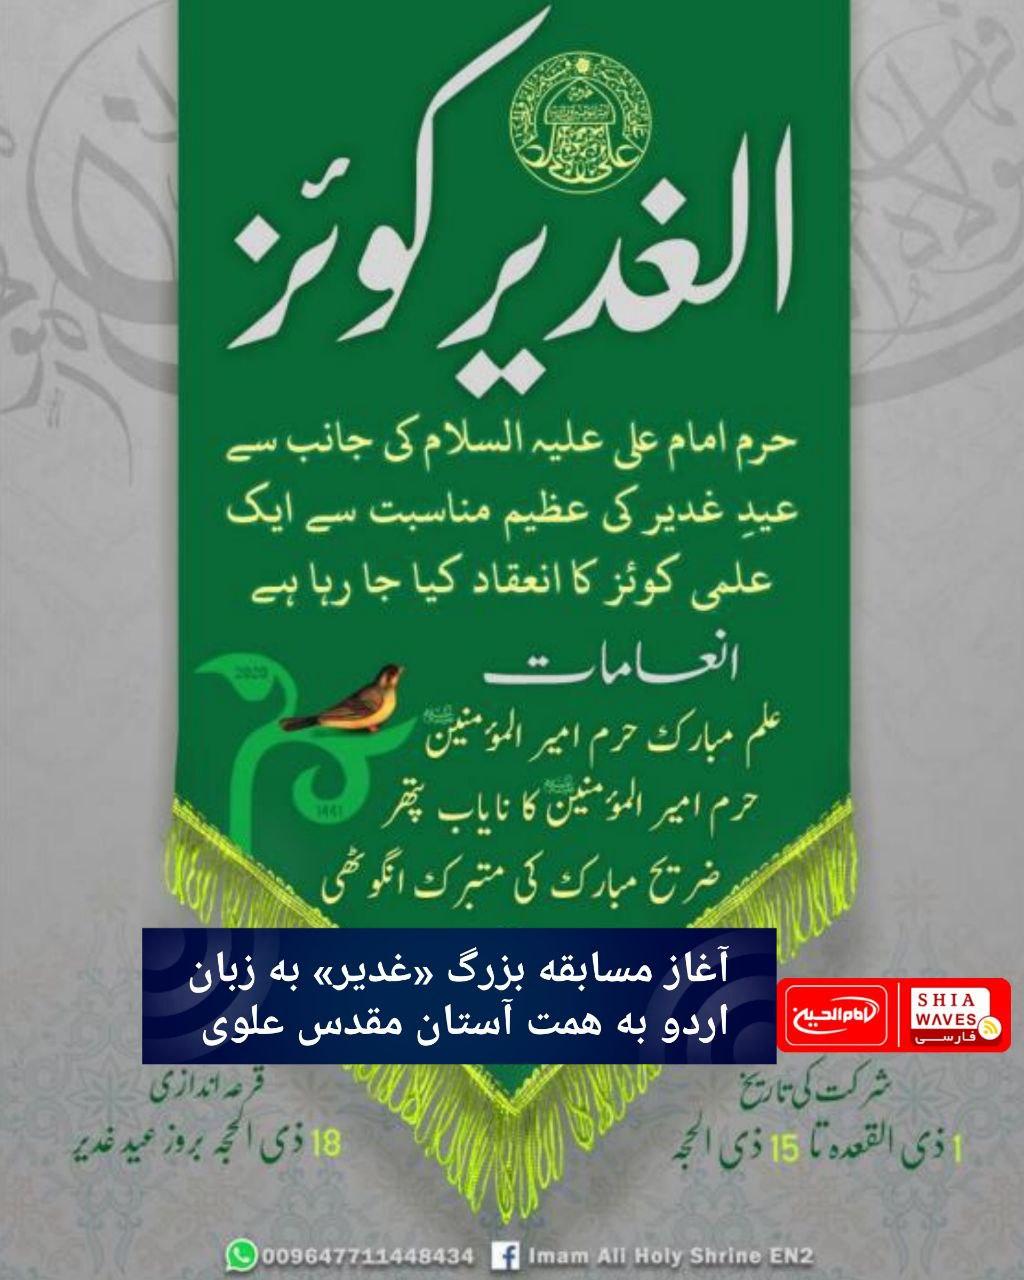 تصویر آغاز مسابقه بزرگ «غدیر» به زبان اردو به همت آستان مقدس علوی